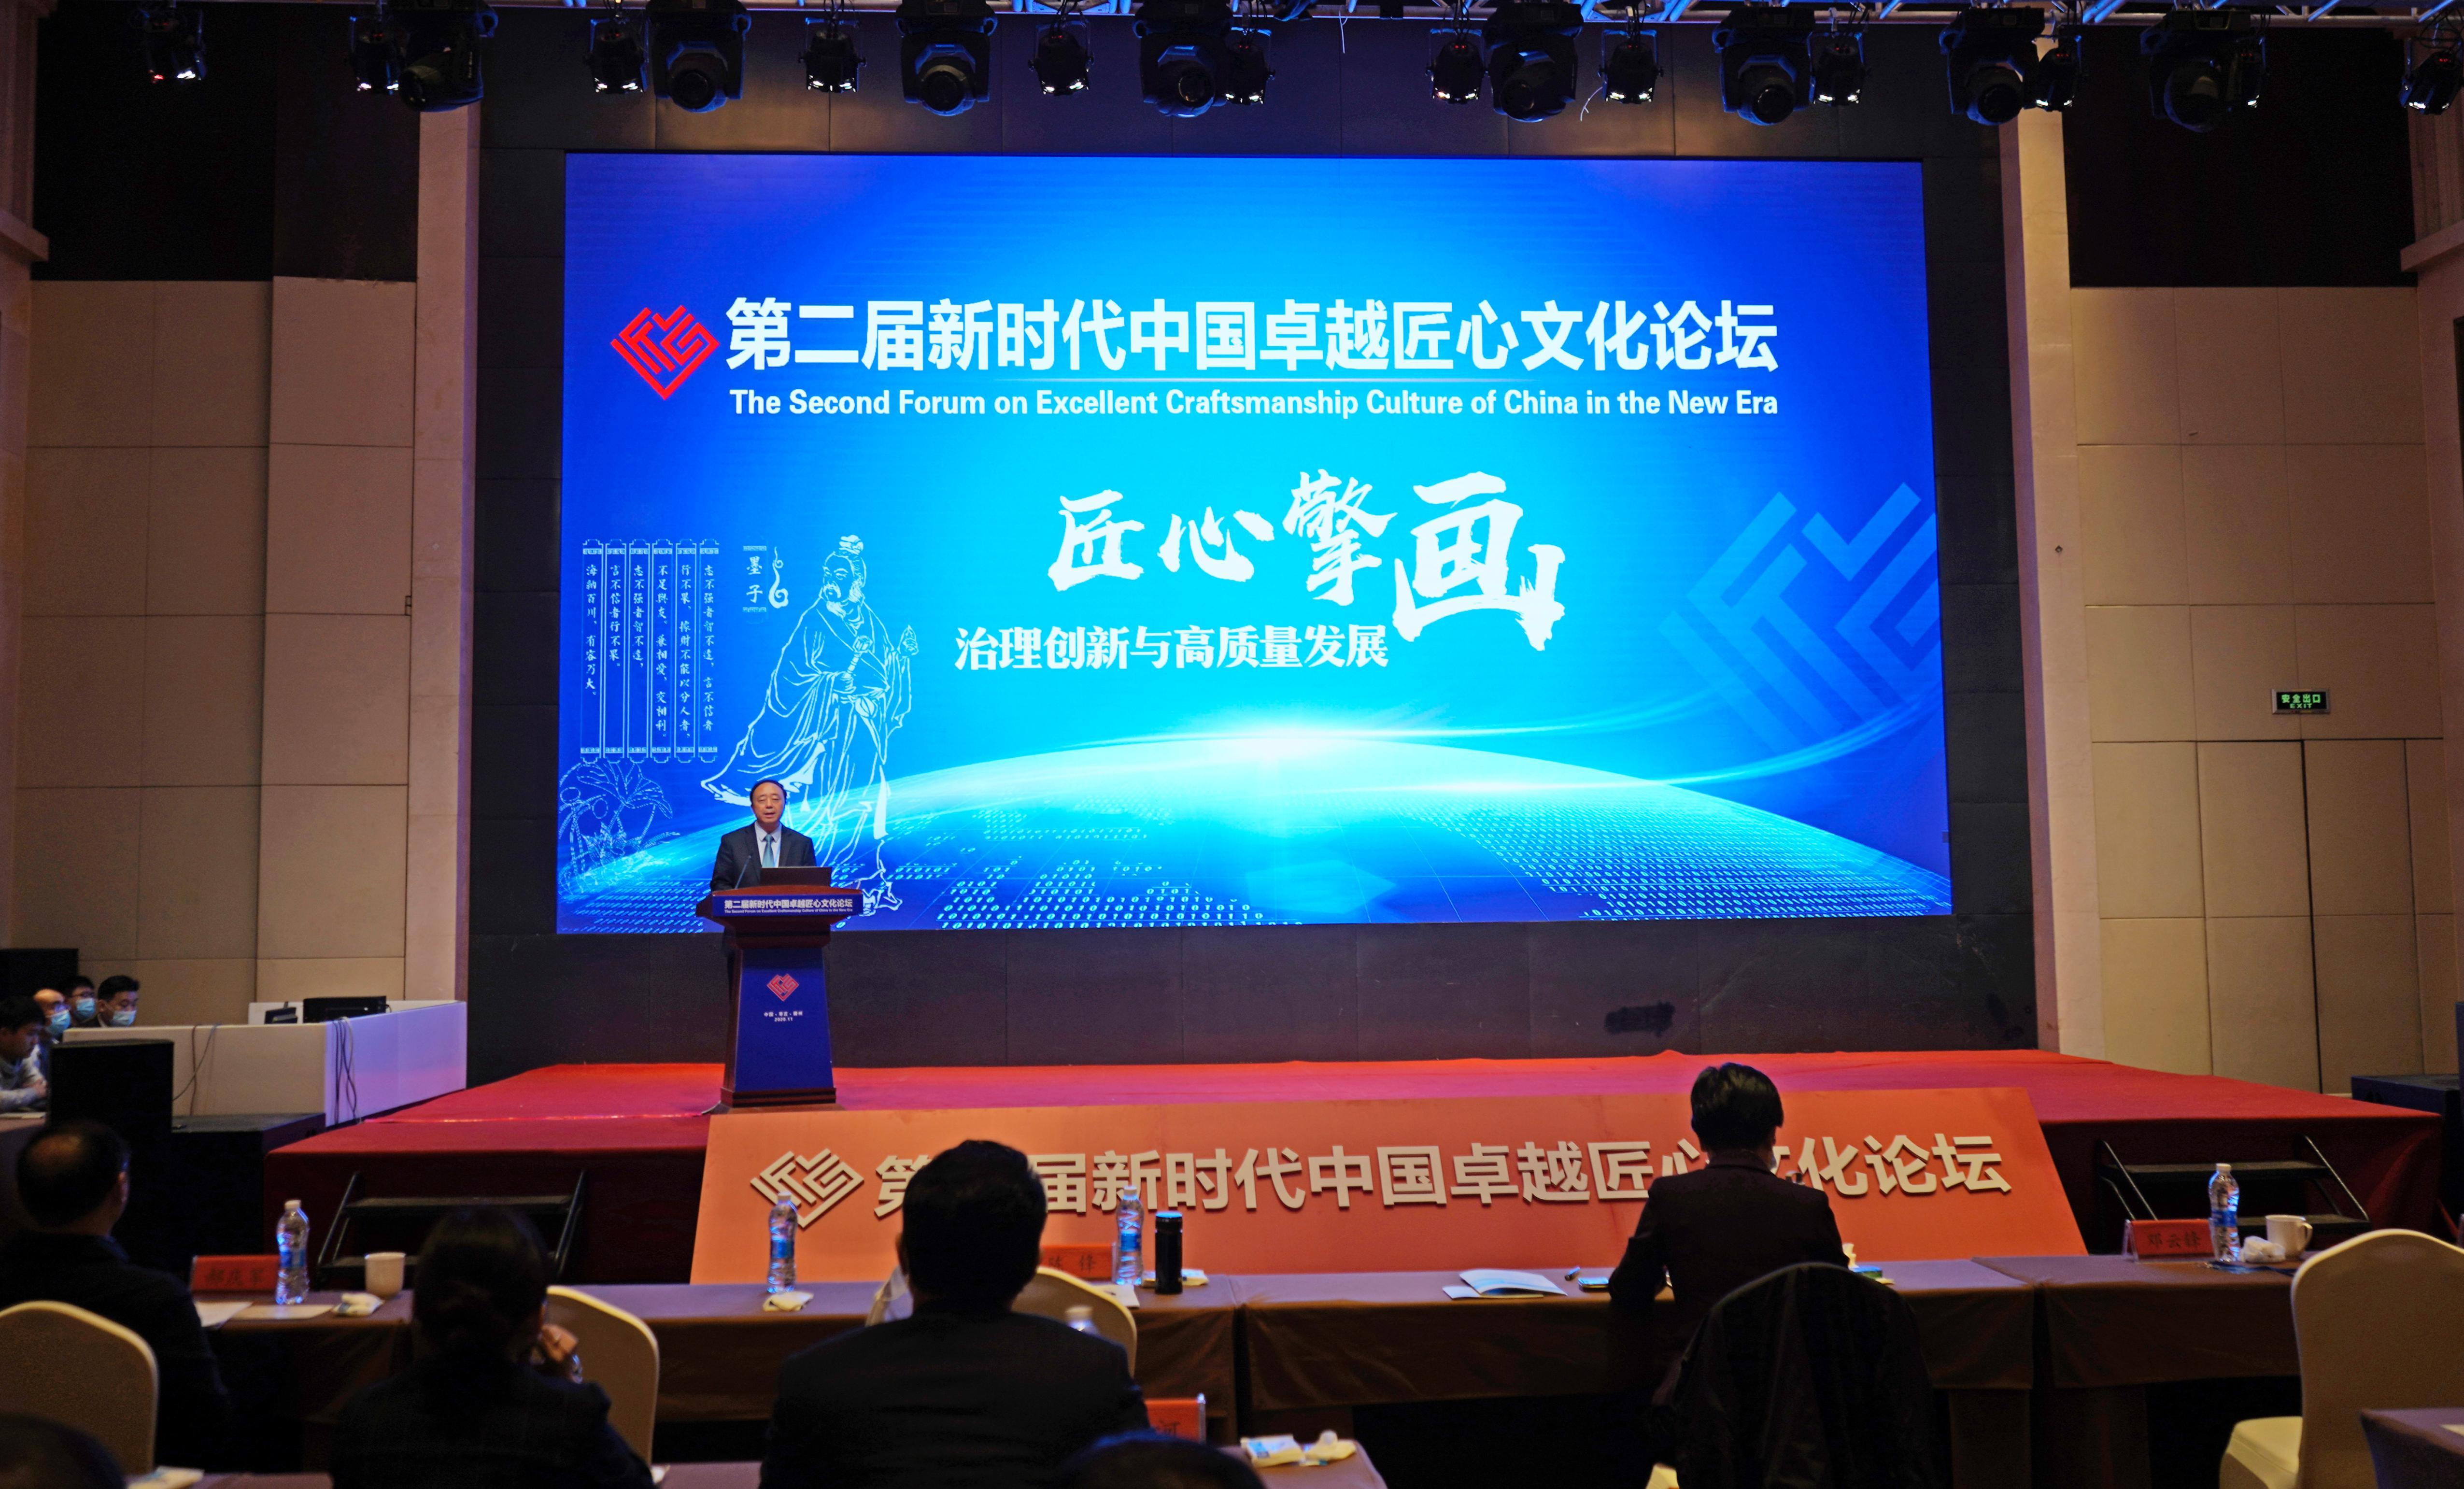 cao胜强在第二届新时dai中guo卓越匠xin文化论坛上作报告